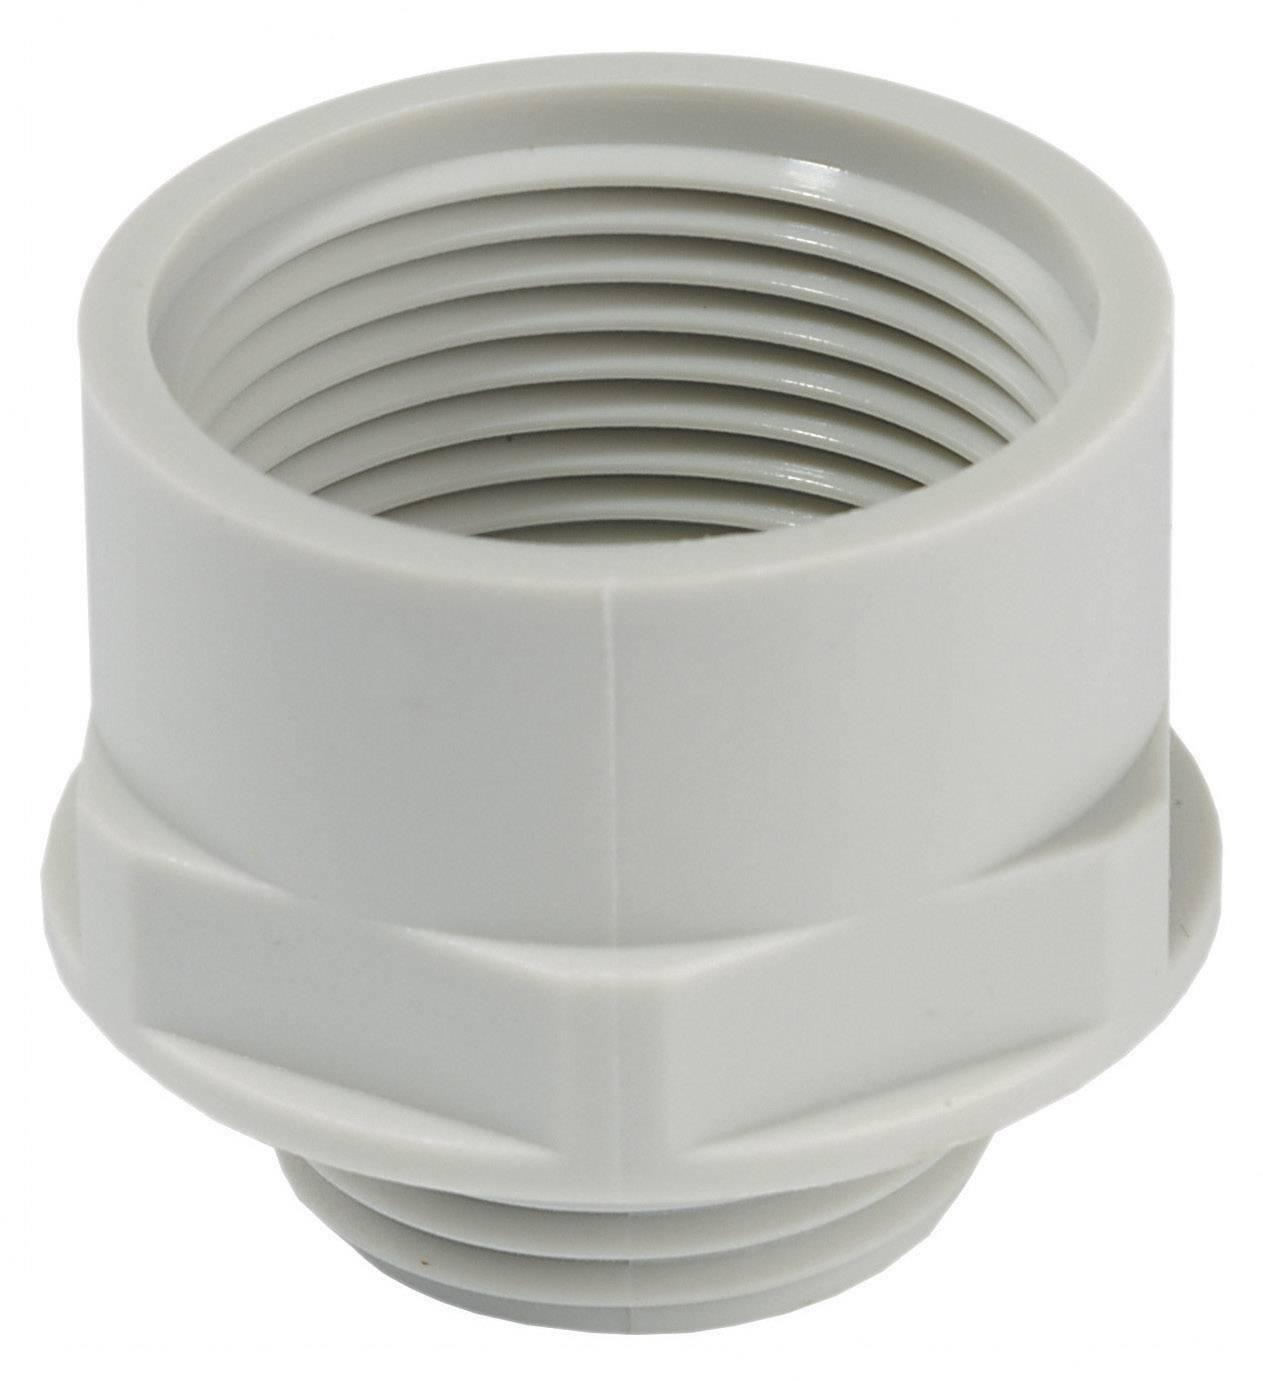 Adaptér kabelový spojky Wiska KEM 20/25 (10063572), M20, světle šedá